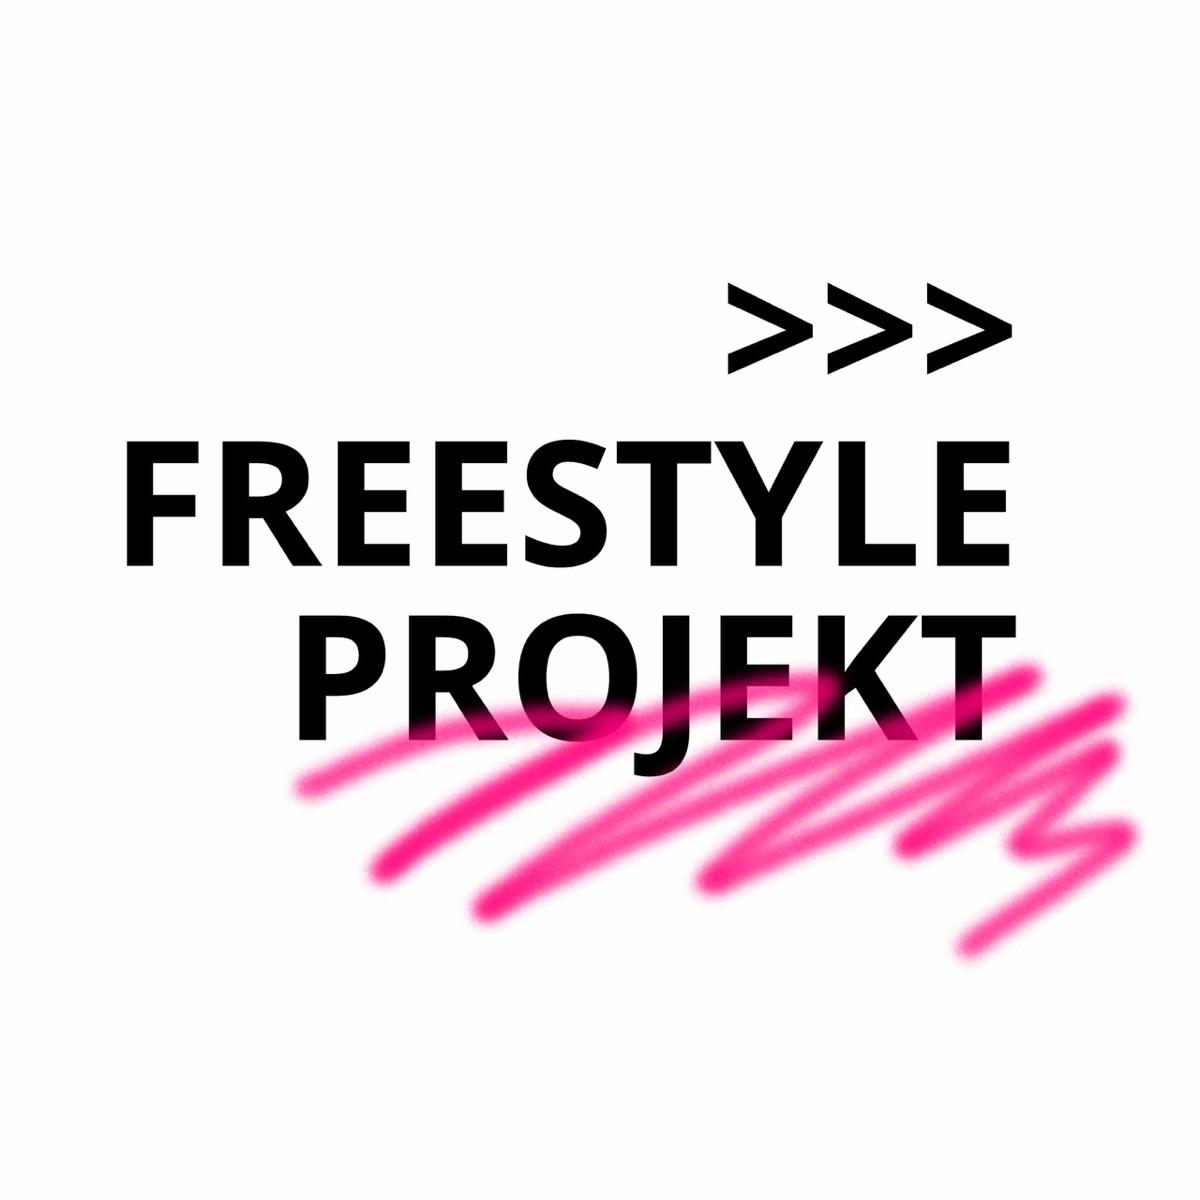 Freestyle Projekt